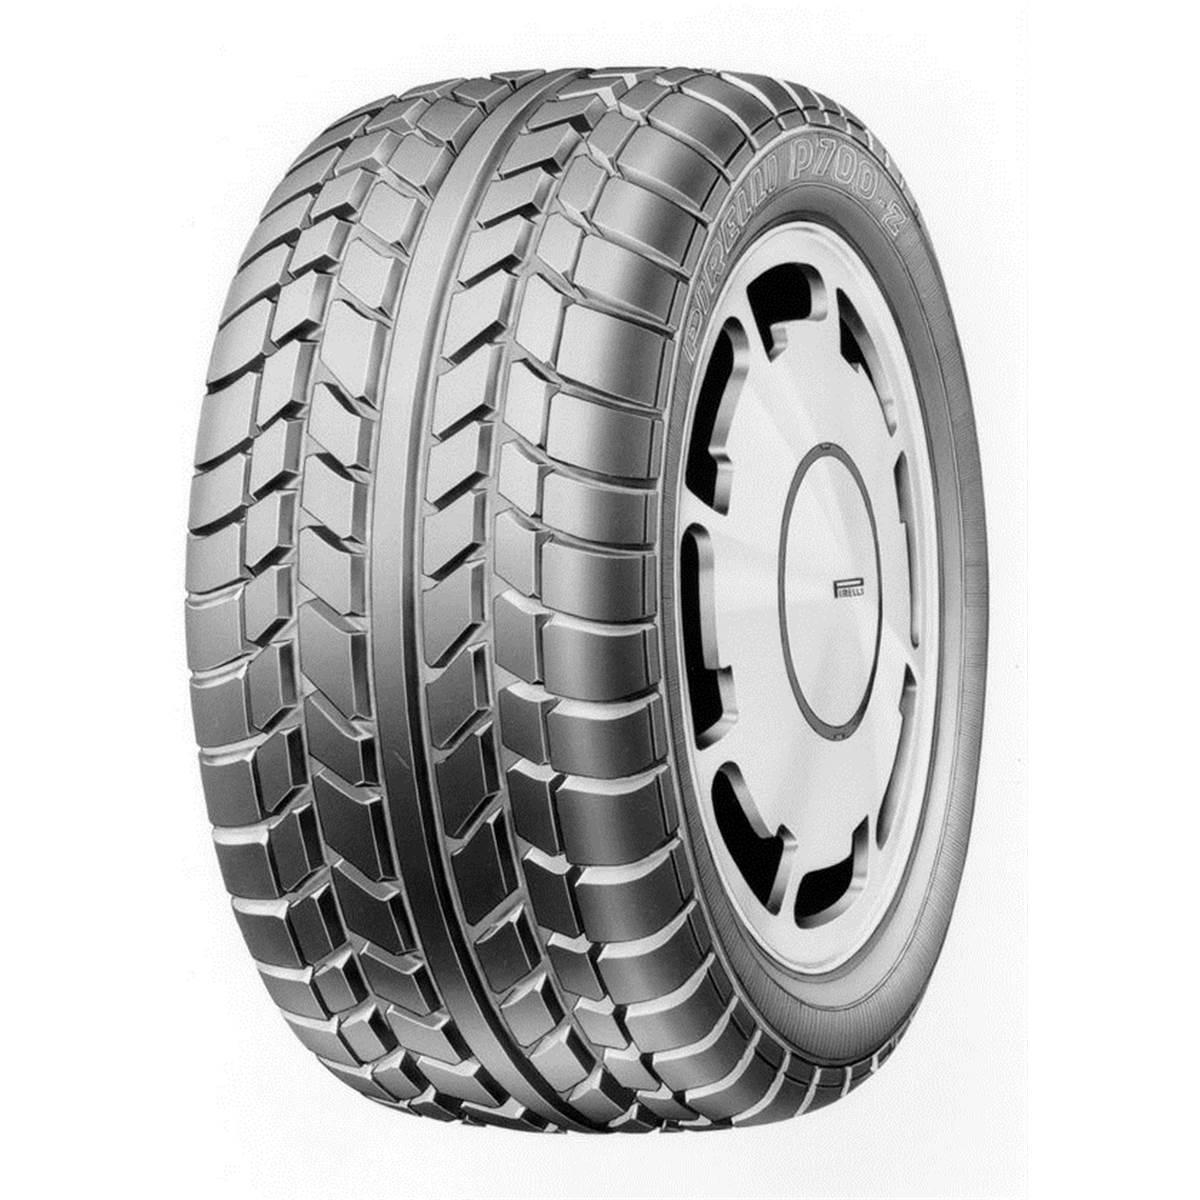 Pneu P700-Z Pirelli 165/55X13 70 H